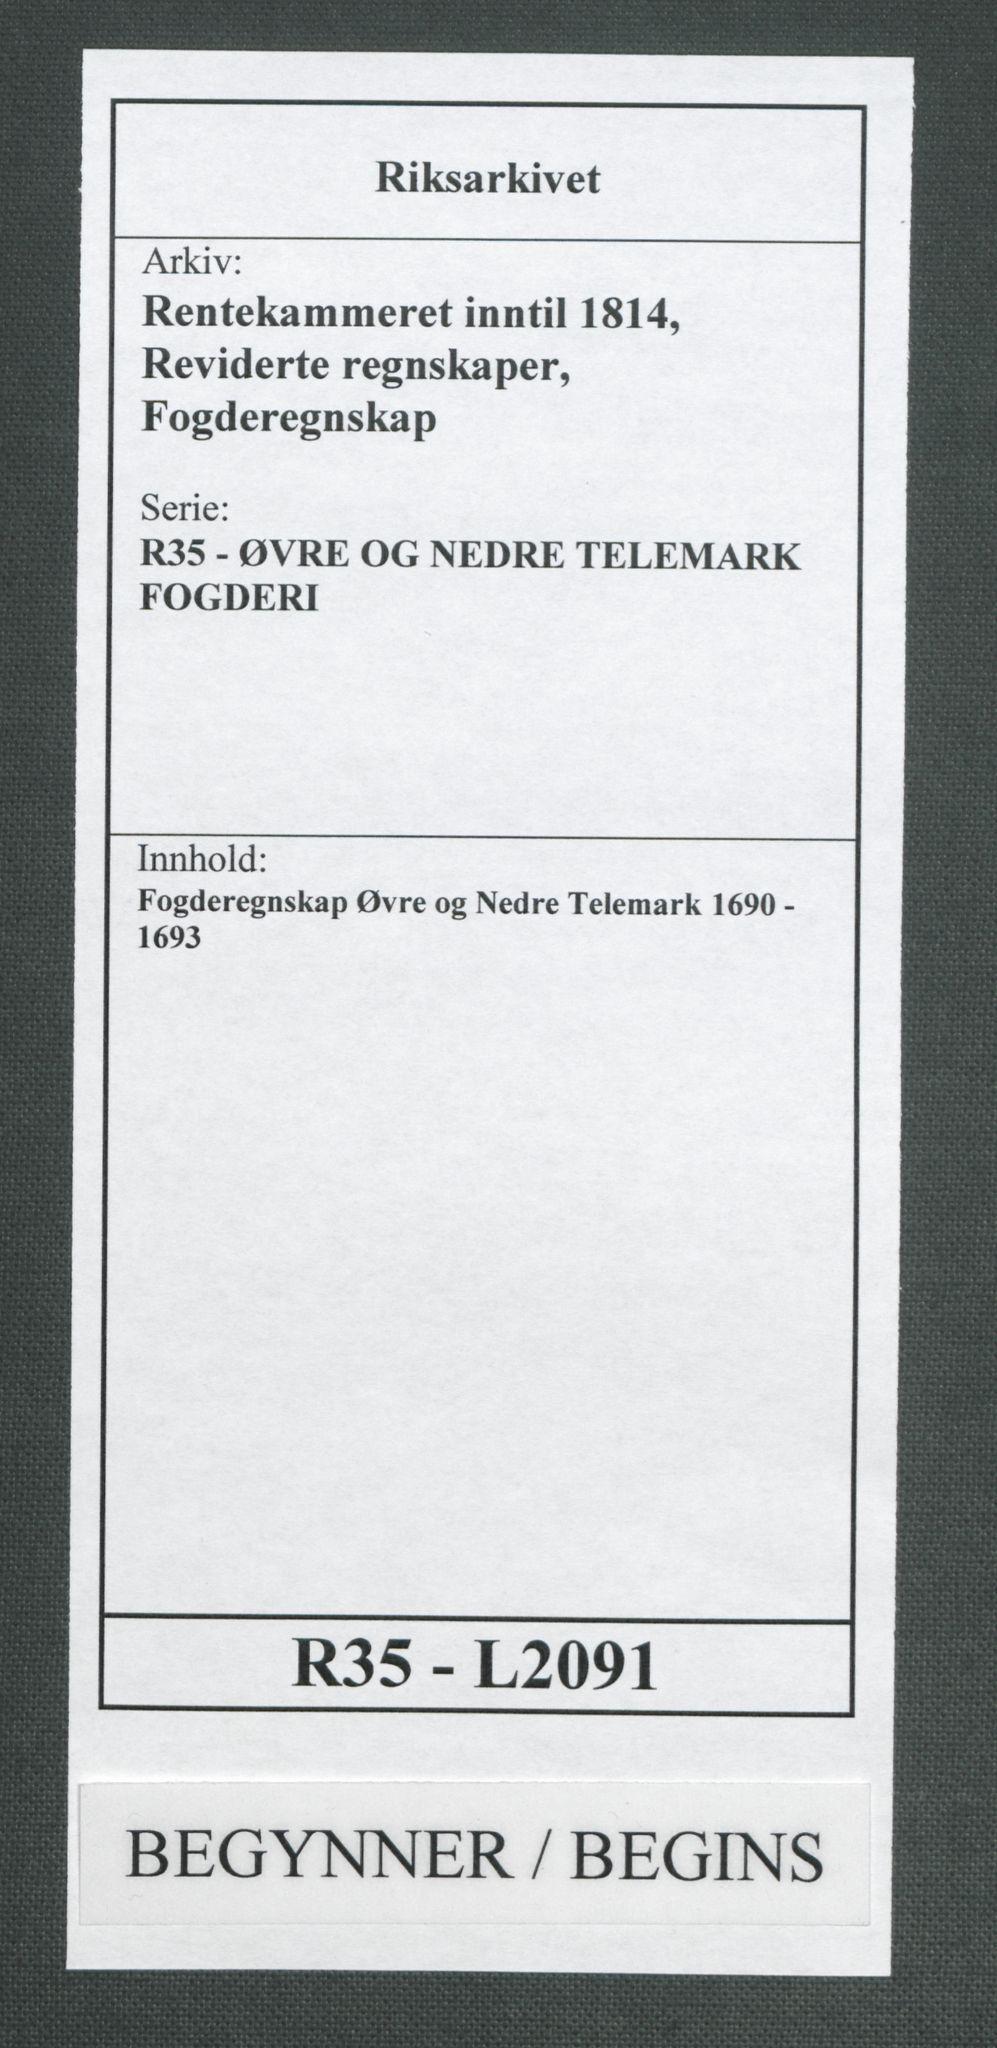 RA, Rentekammeret inntil 1814, Reviderte regnskaper, Fogderegnskap, R35/L2091: Fogderegnskap Øvre og Nedre Telemark, 1690-1693, s. 1